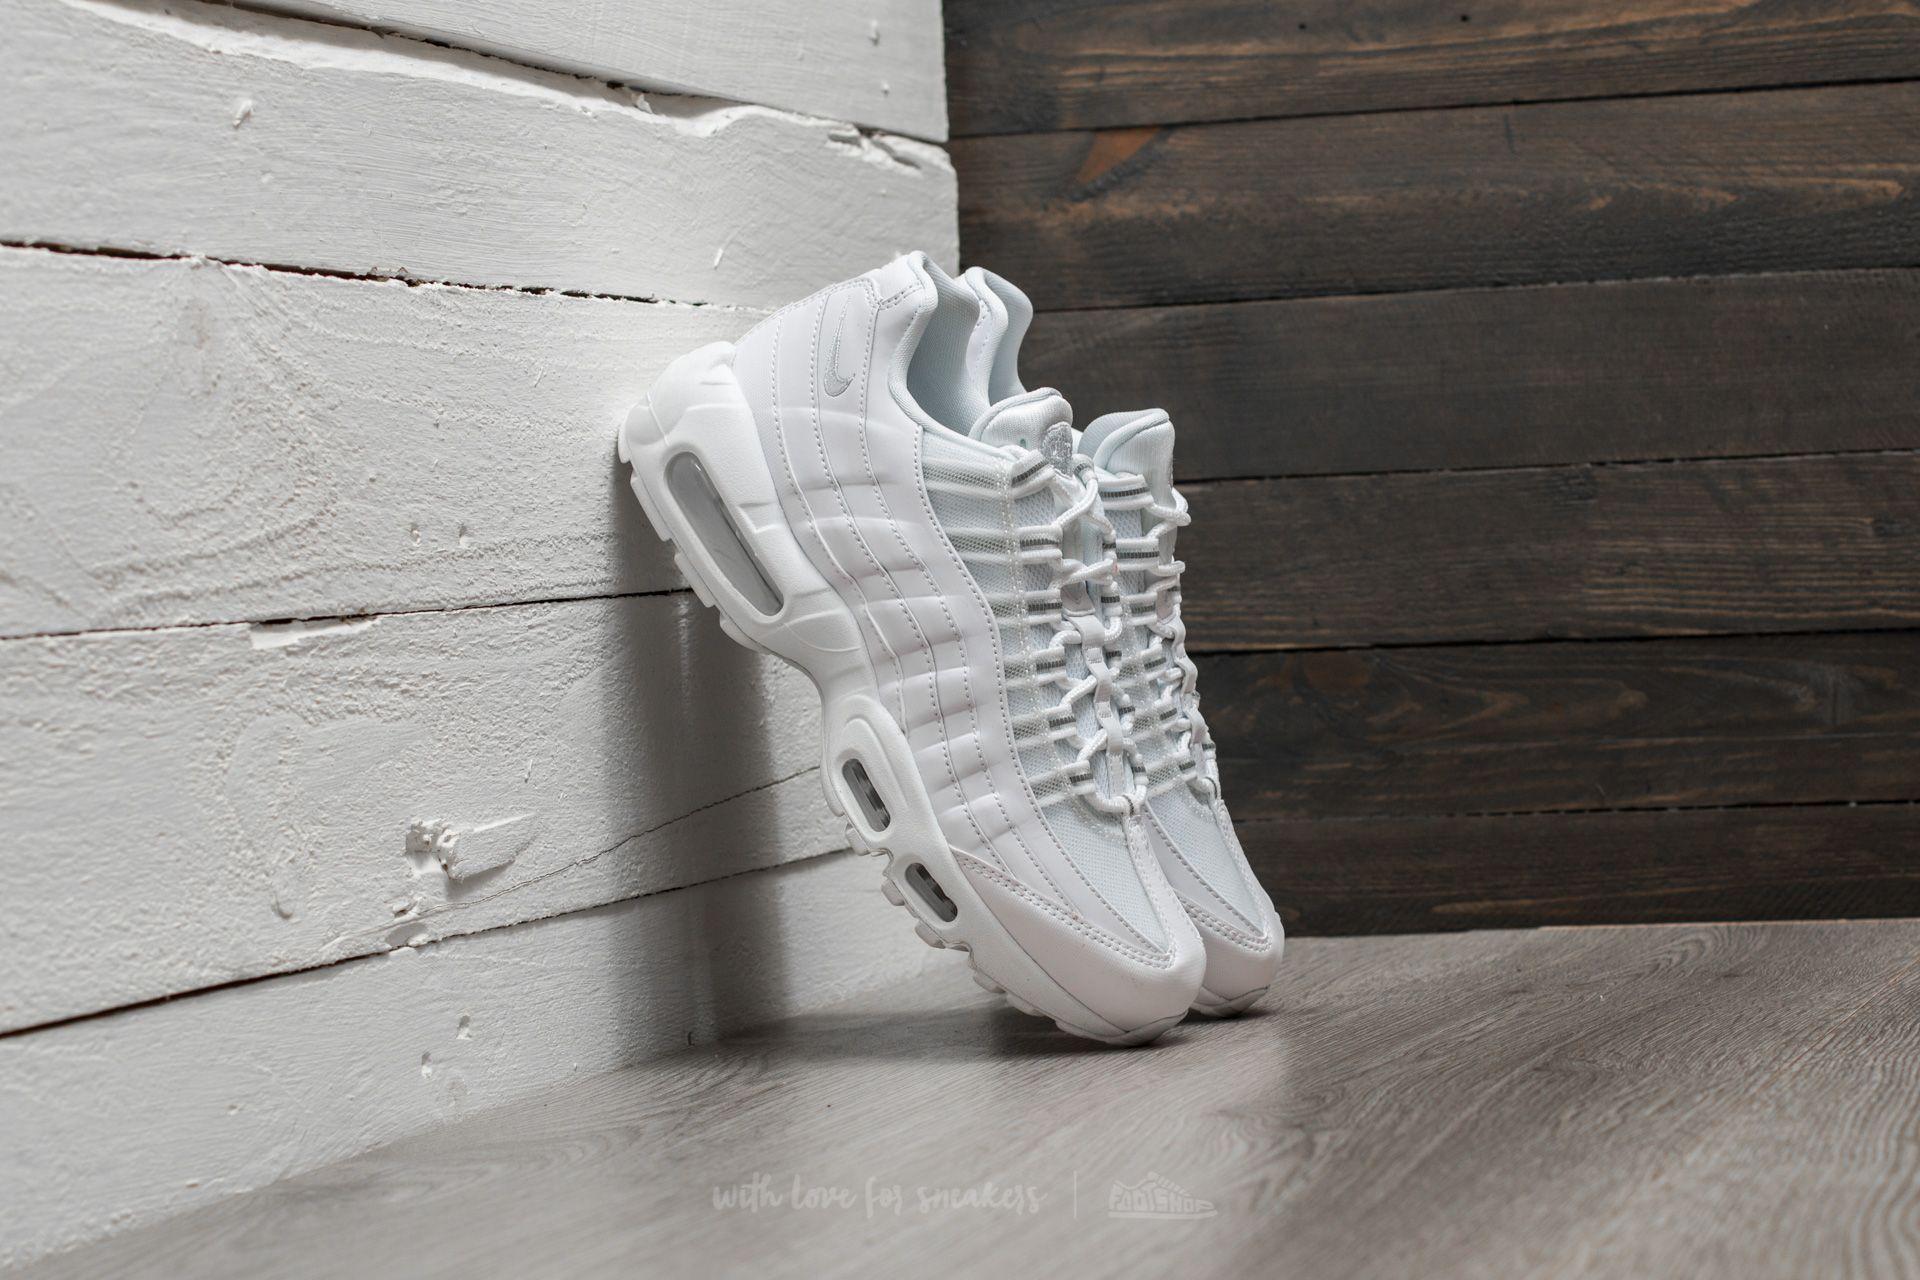 91bf0b37f4 Nike WMNS Air Max 95 White/ White-Pure Platinum | Footshop